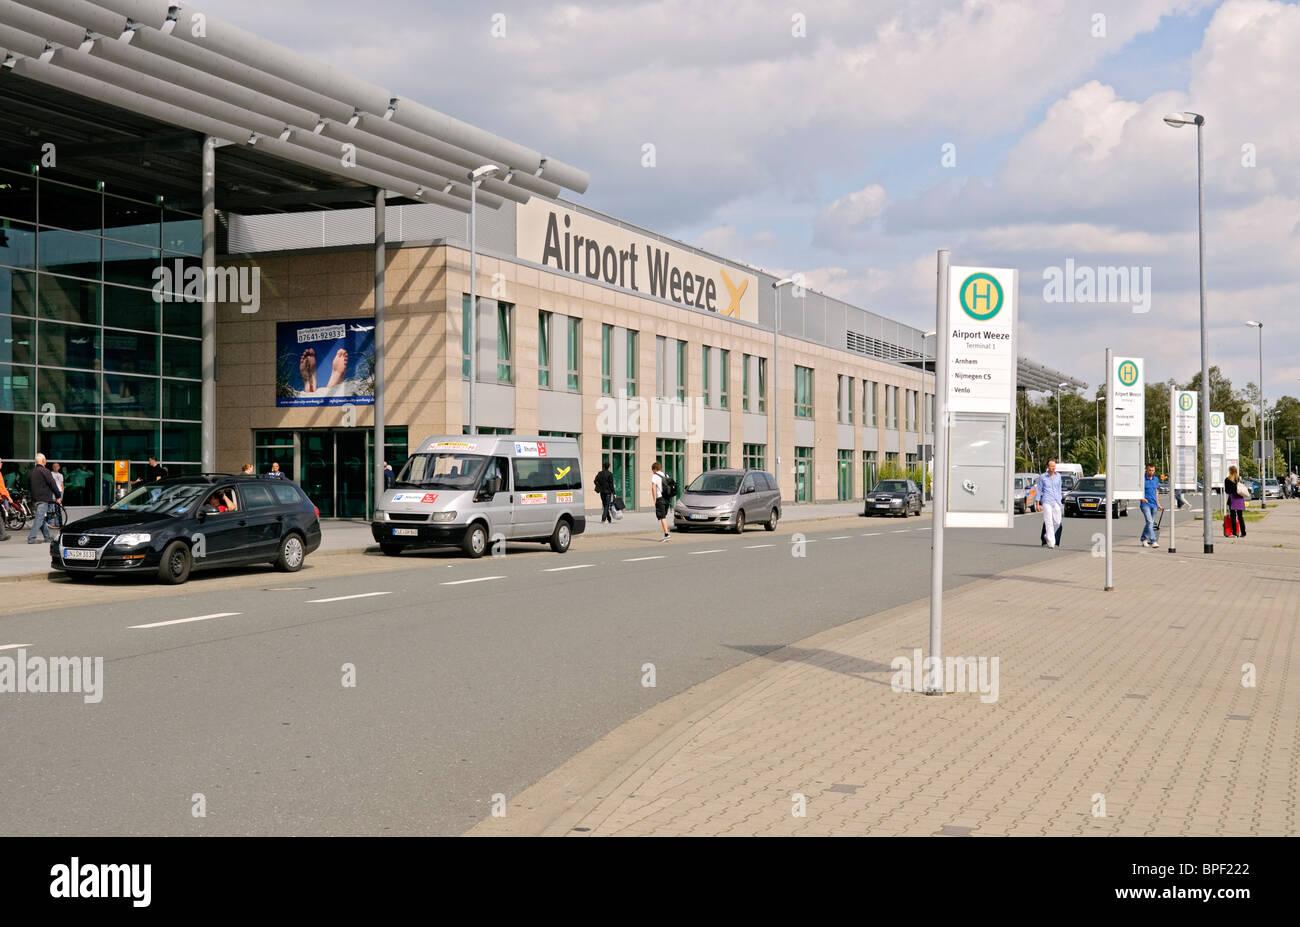 Terminal building at Weeze (Niederrhein) Airport, North Rhine-Westphalia, Germany. - Stock Image